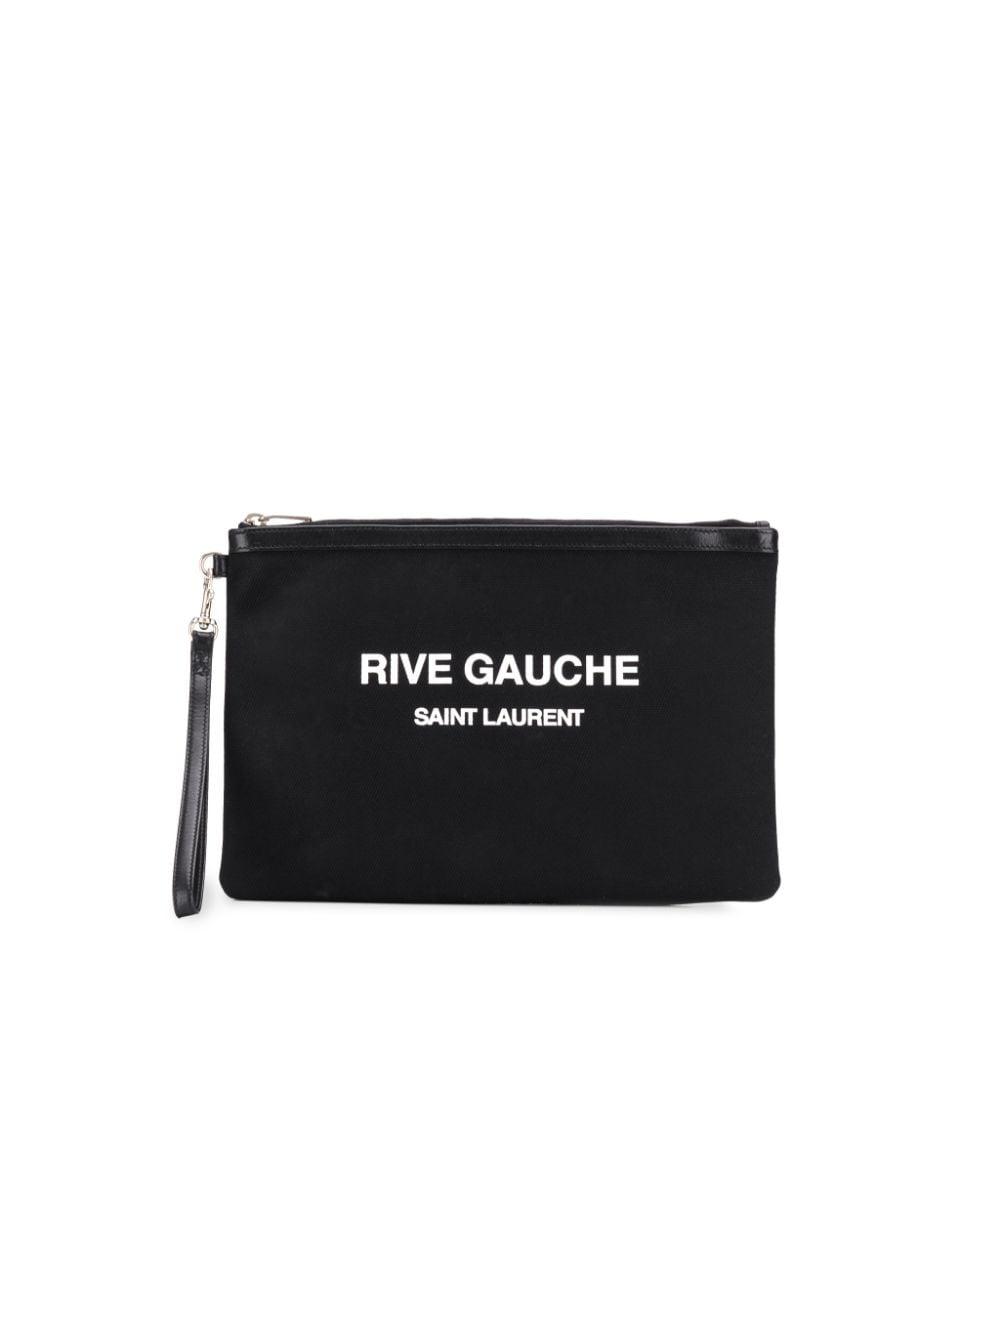 Rive Gauche Cotton Pouch